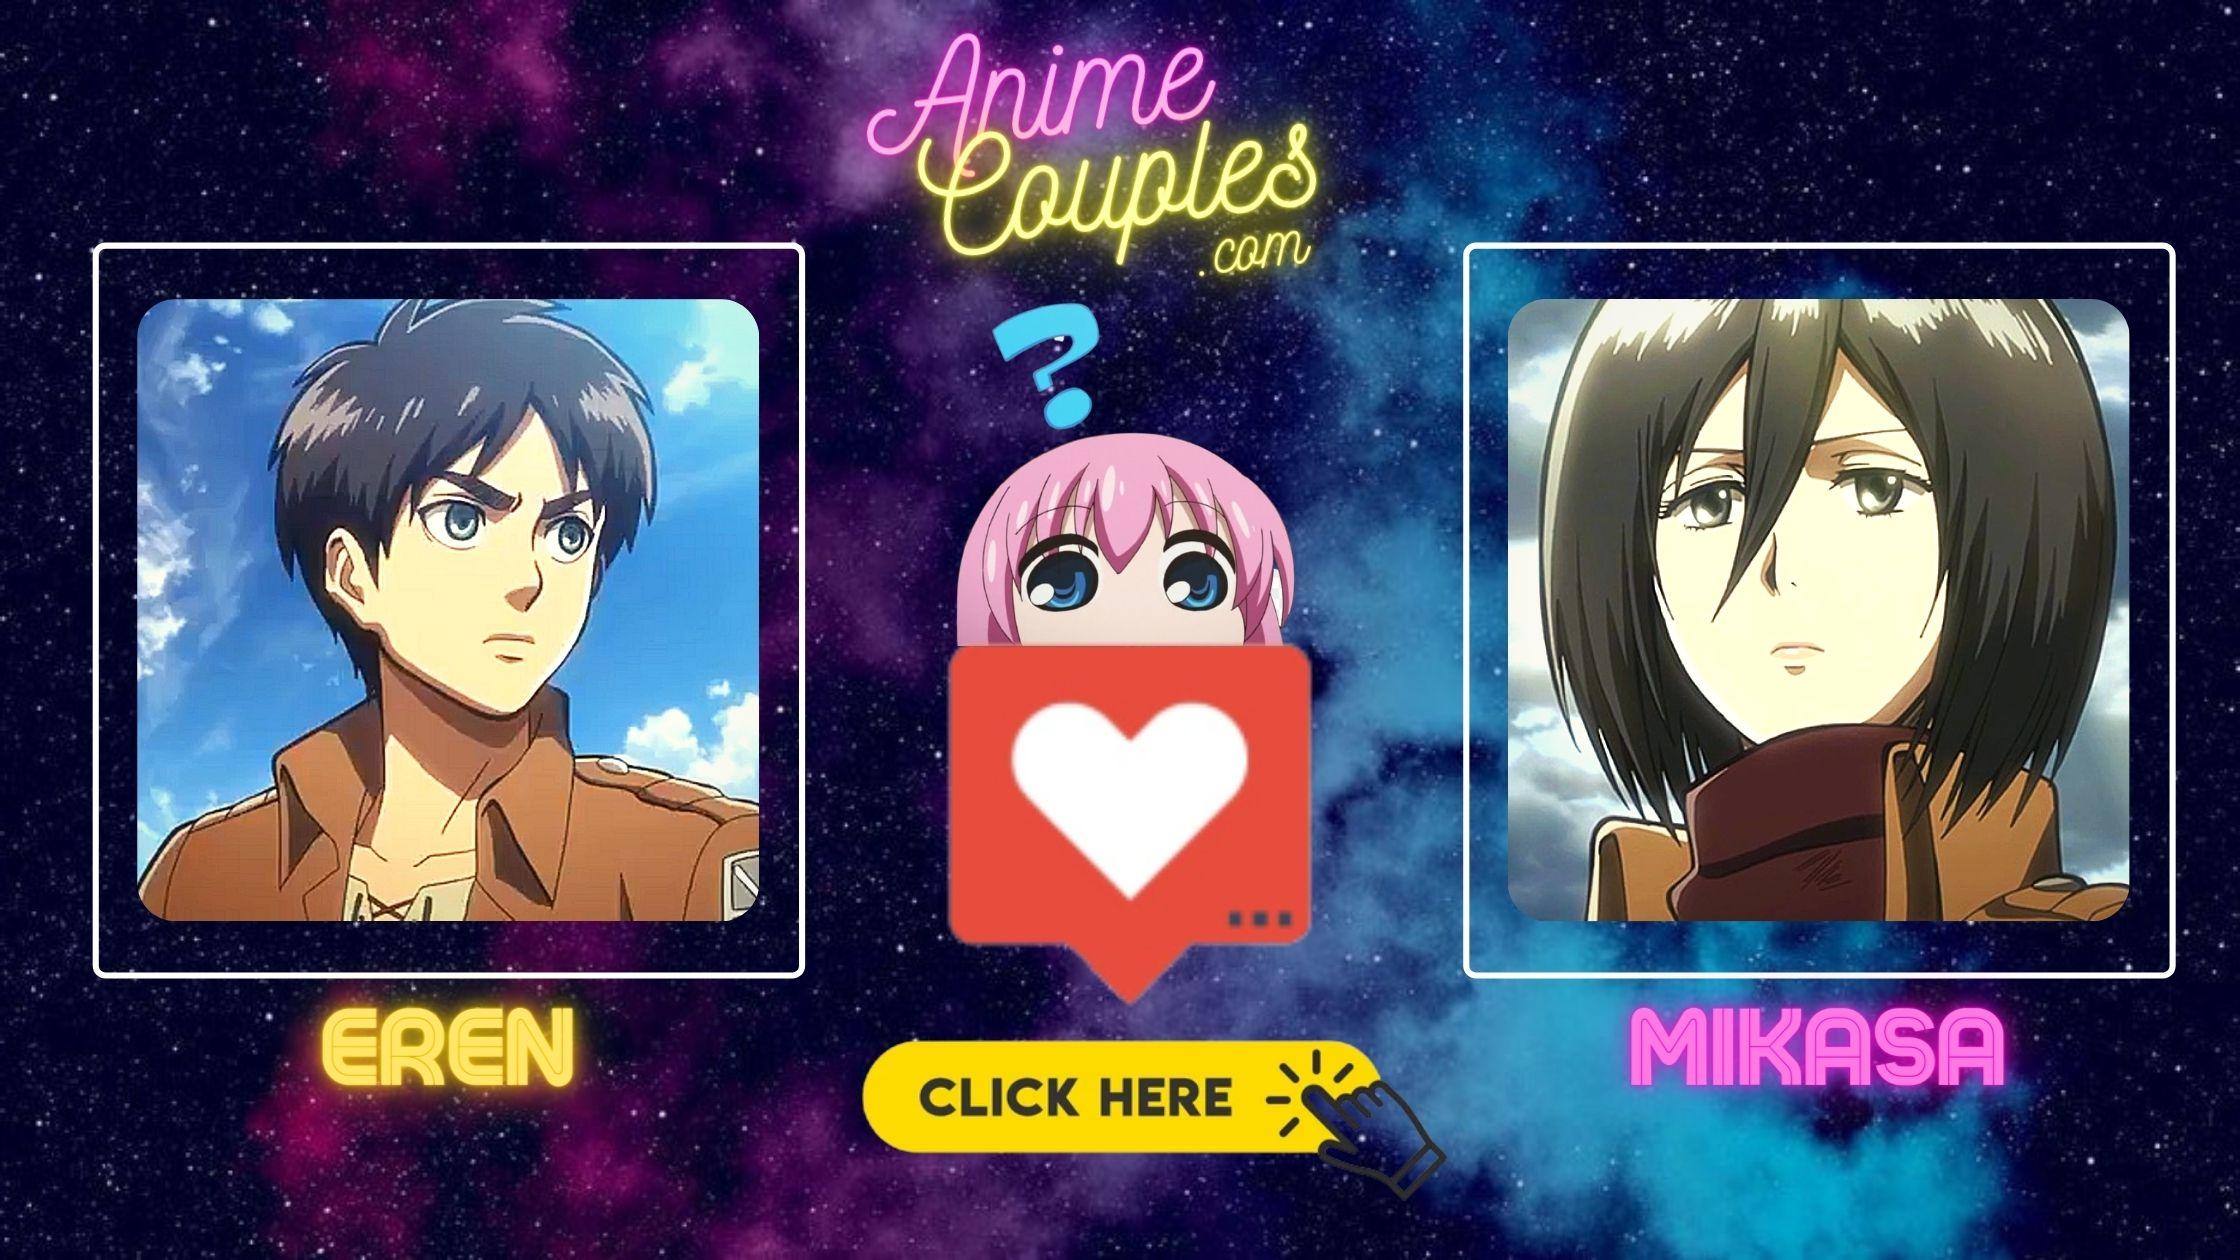 Eren x Mikasa - Attack on Titan couples